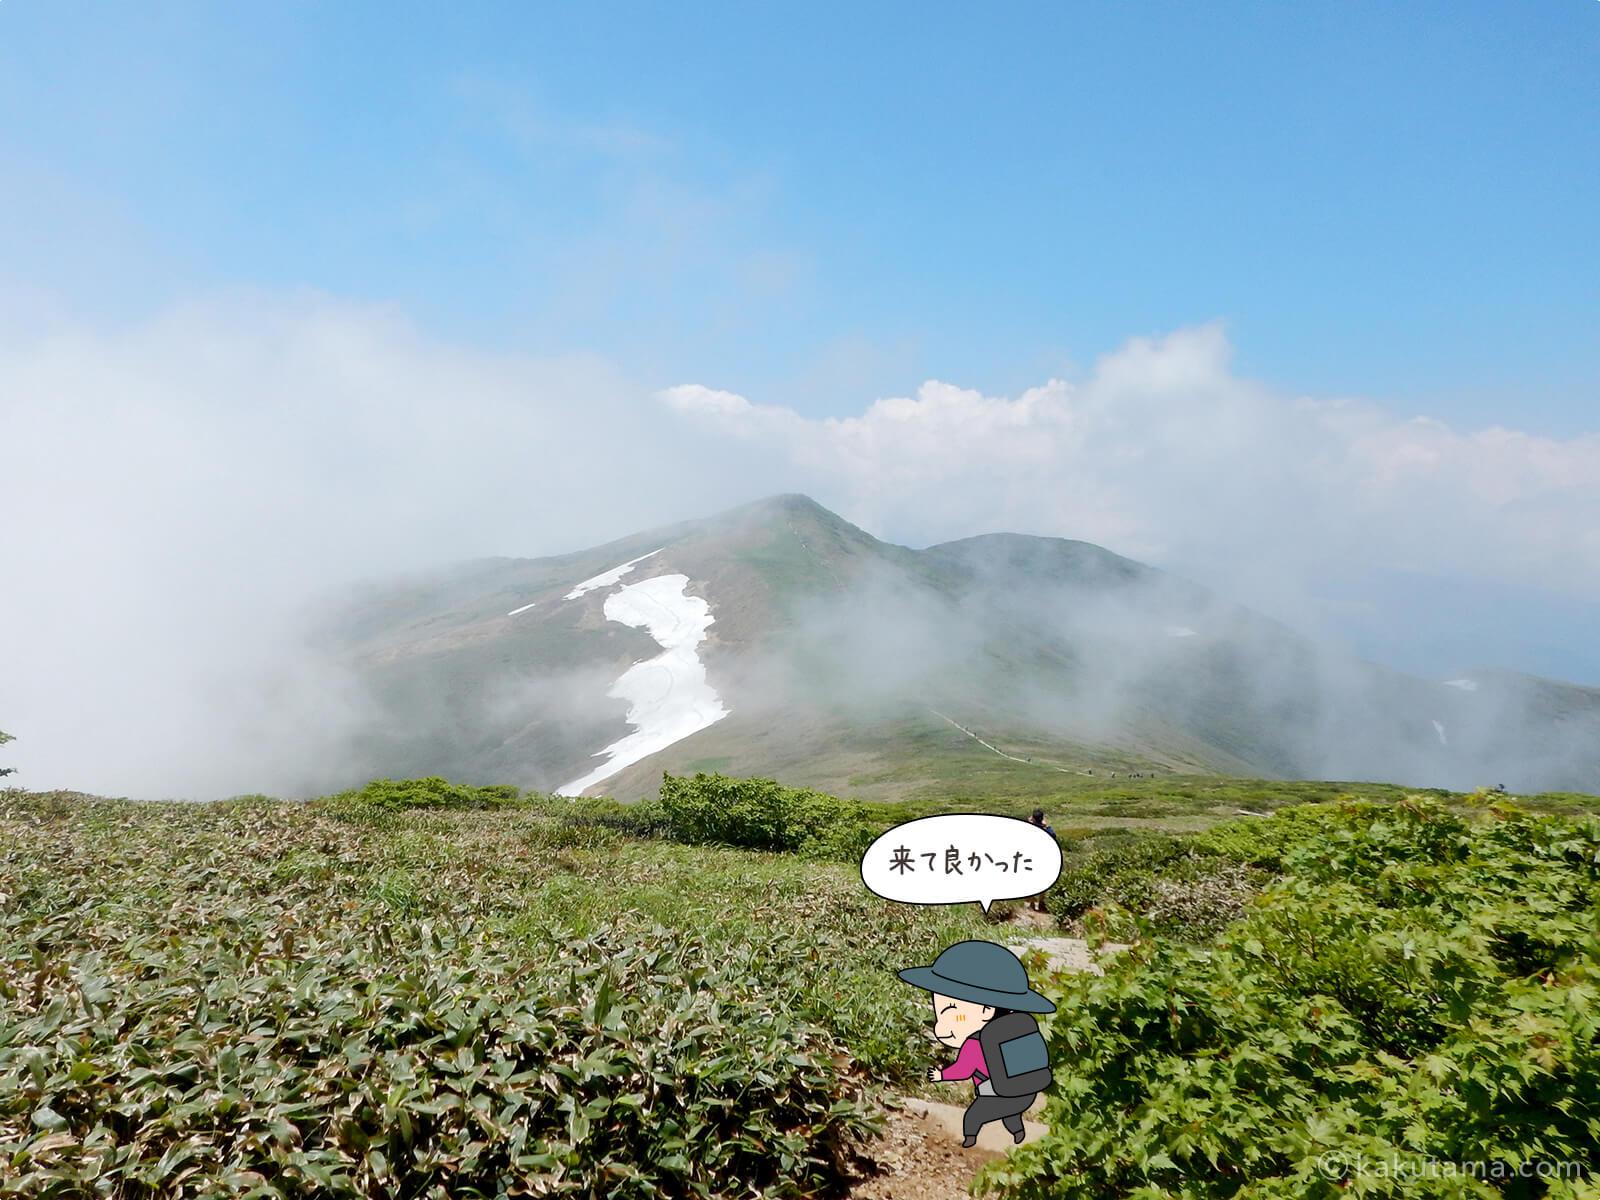 仙ノ倉山から平標山への道5